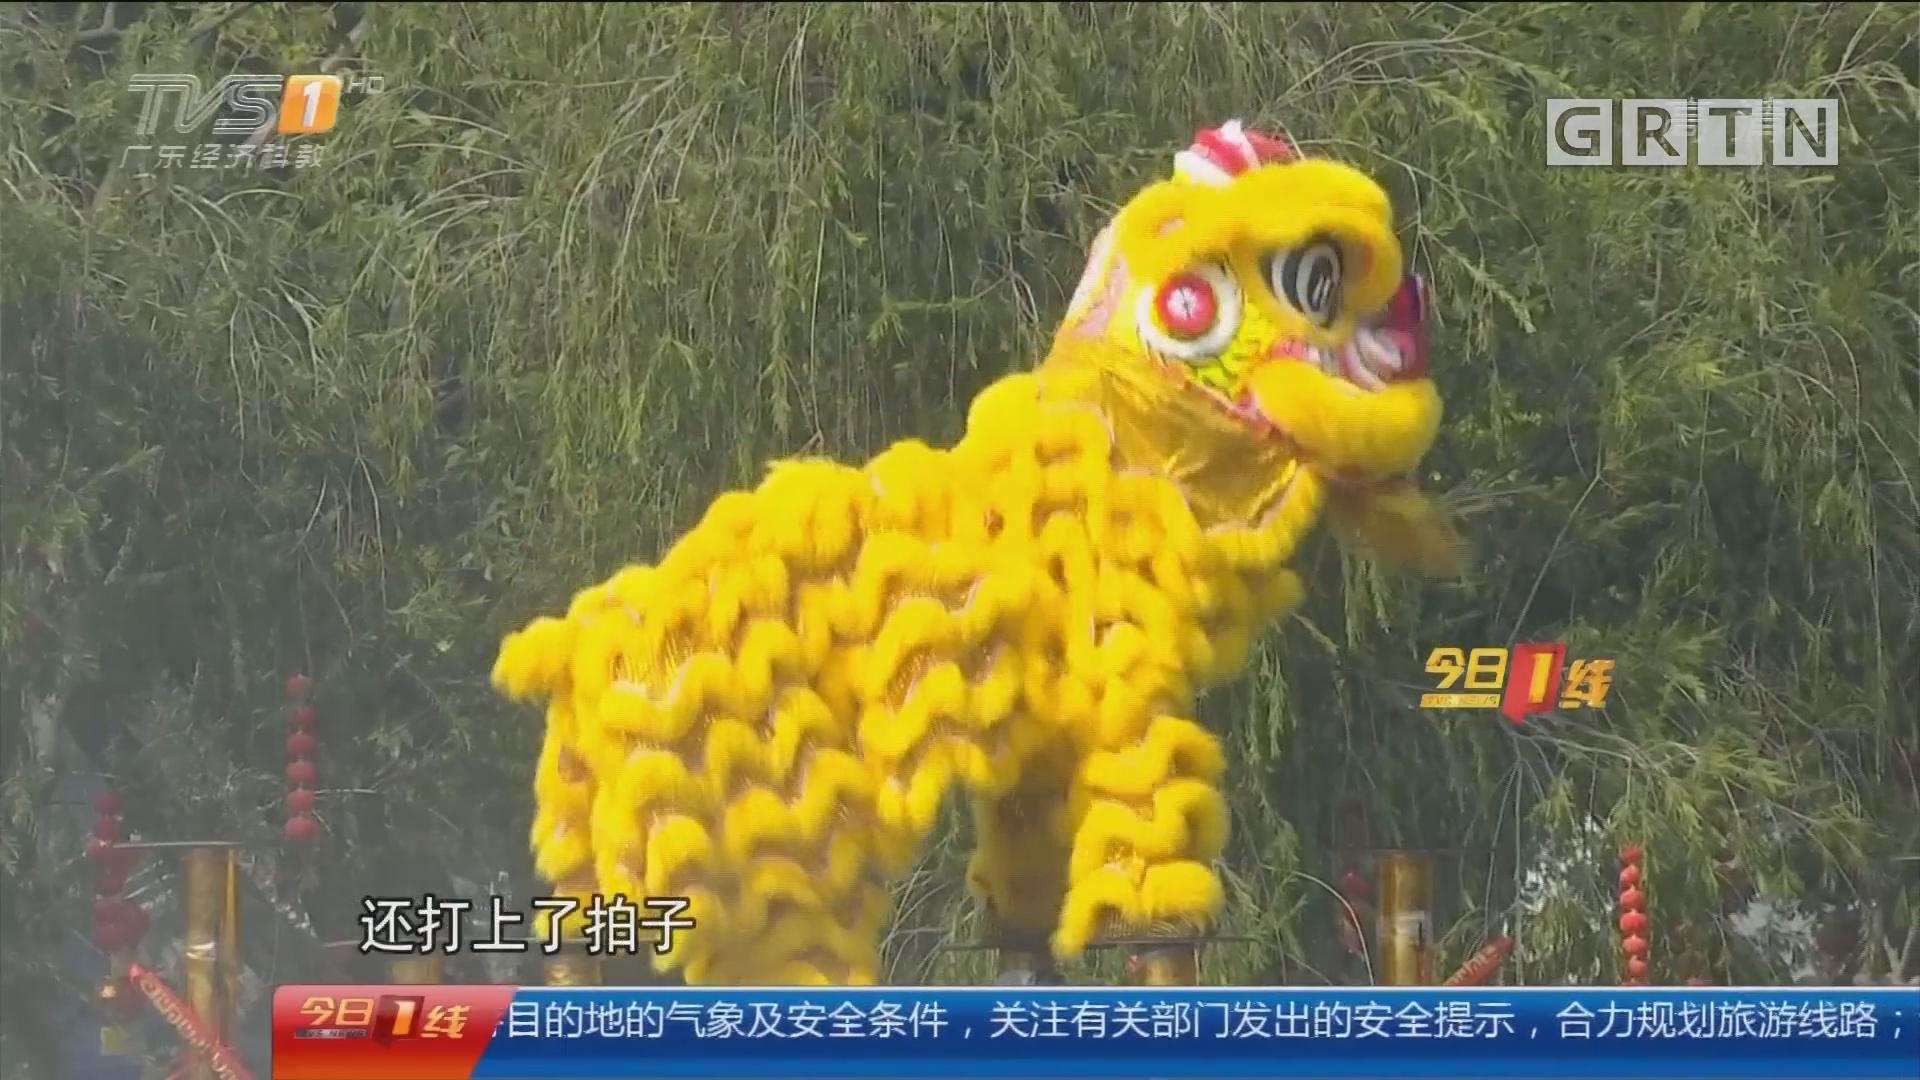 广州番禺:醒狮别样贺岁 水上登梅花桩